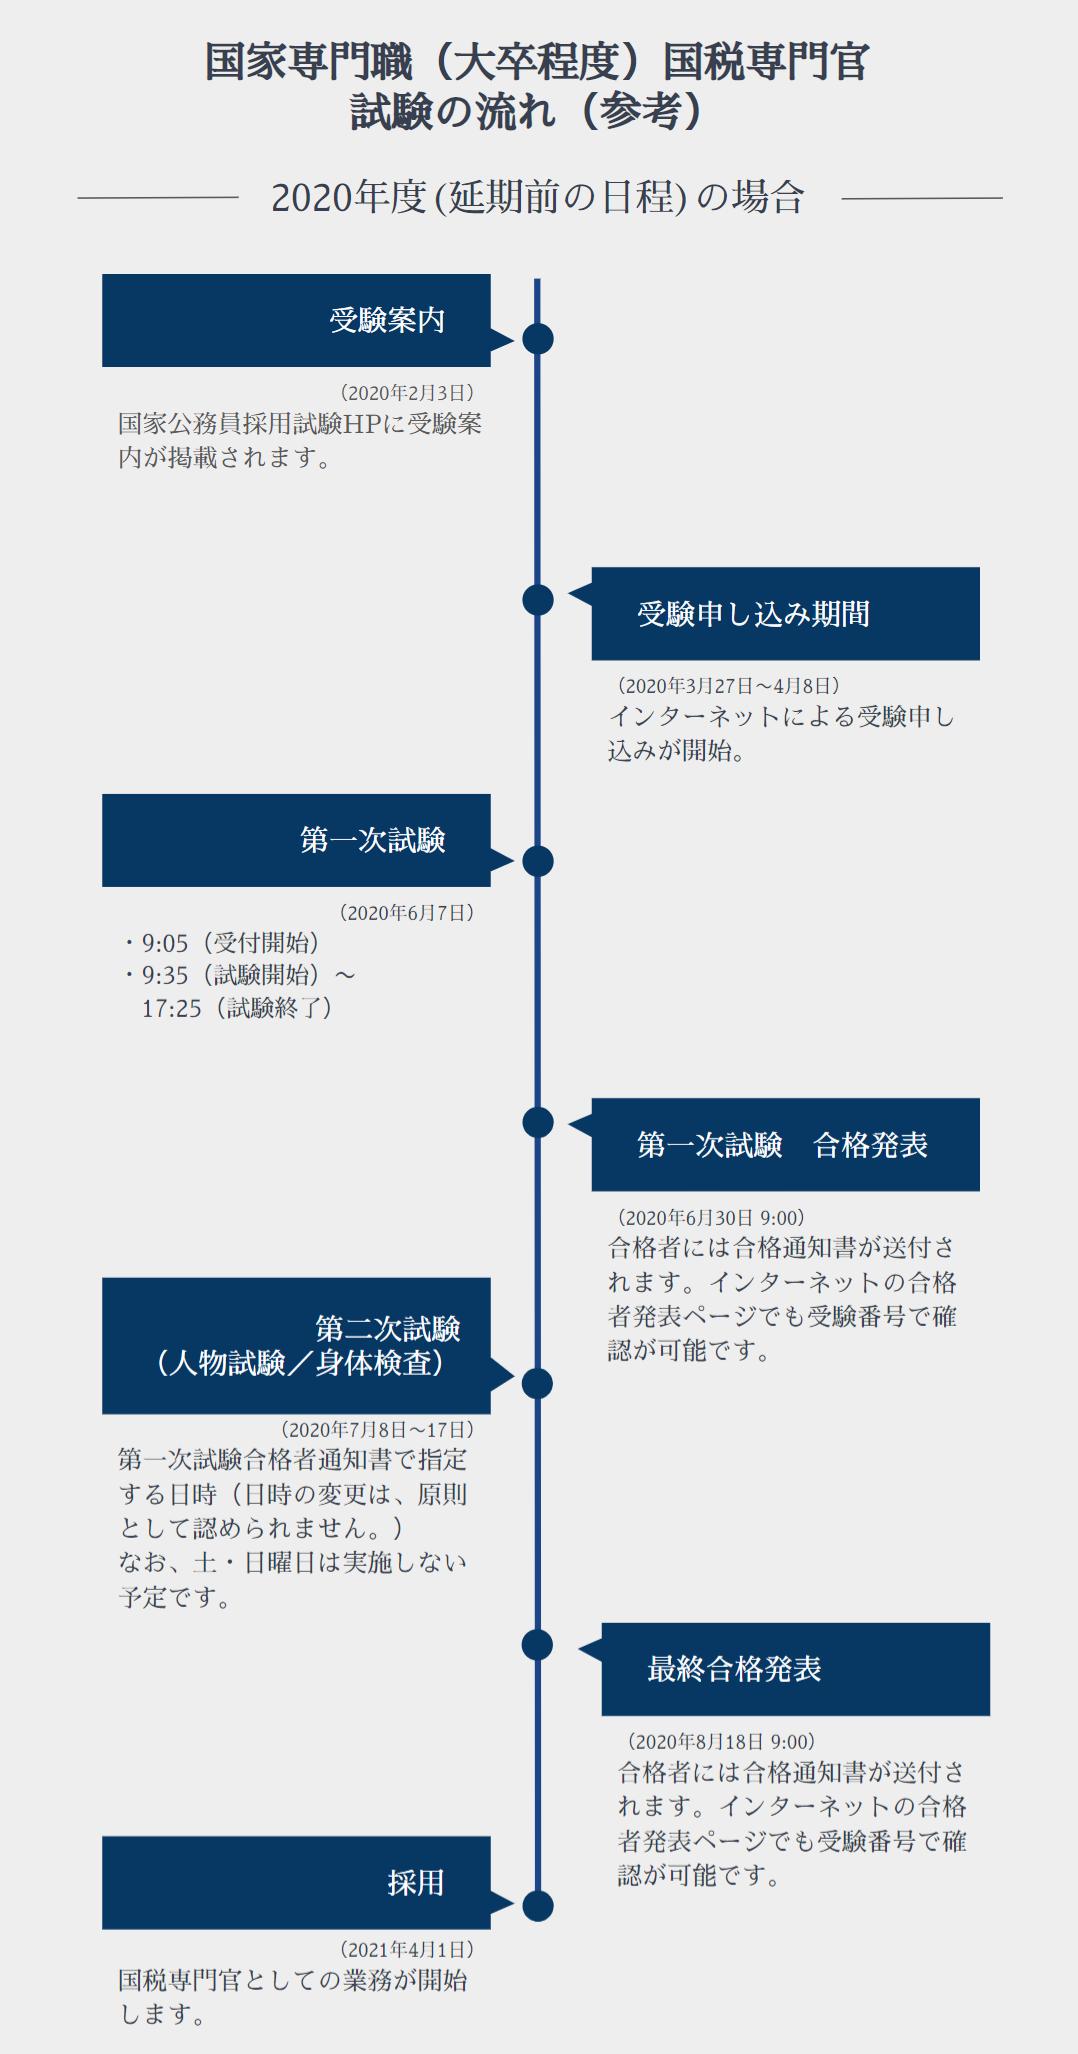 国税専門官 試験の流れ イメージ画像